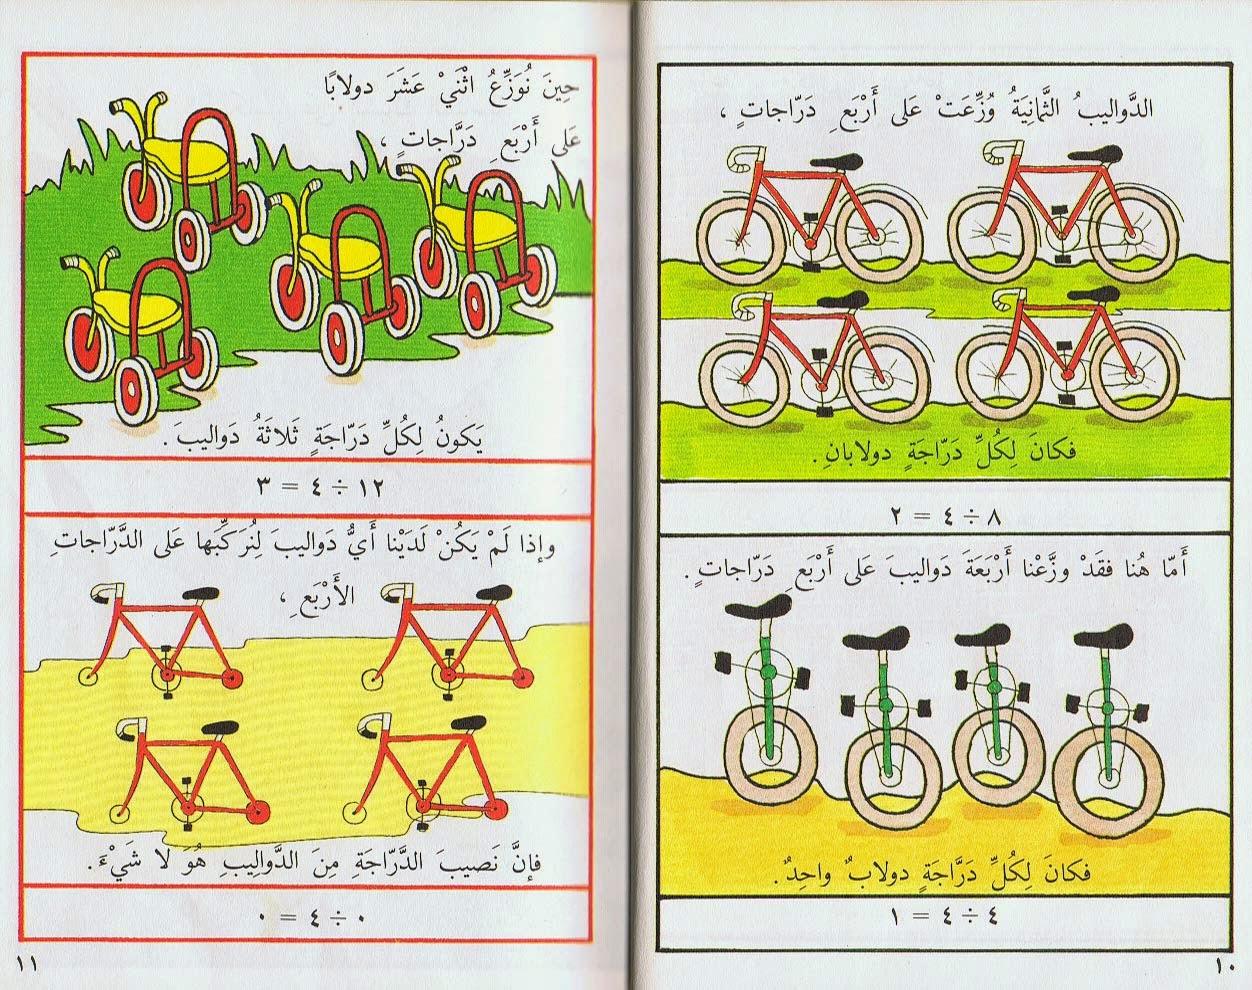 كتاب تعليم القسمة لأطفال الصف الثالث بالألوان الطبيعية 2015 CCI05062012_00035.jp